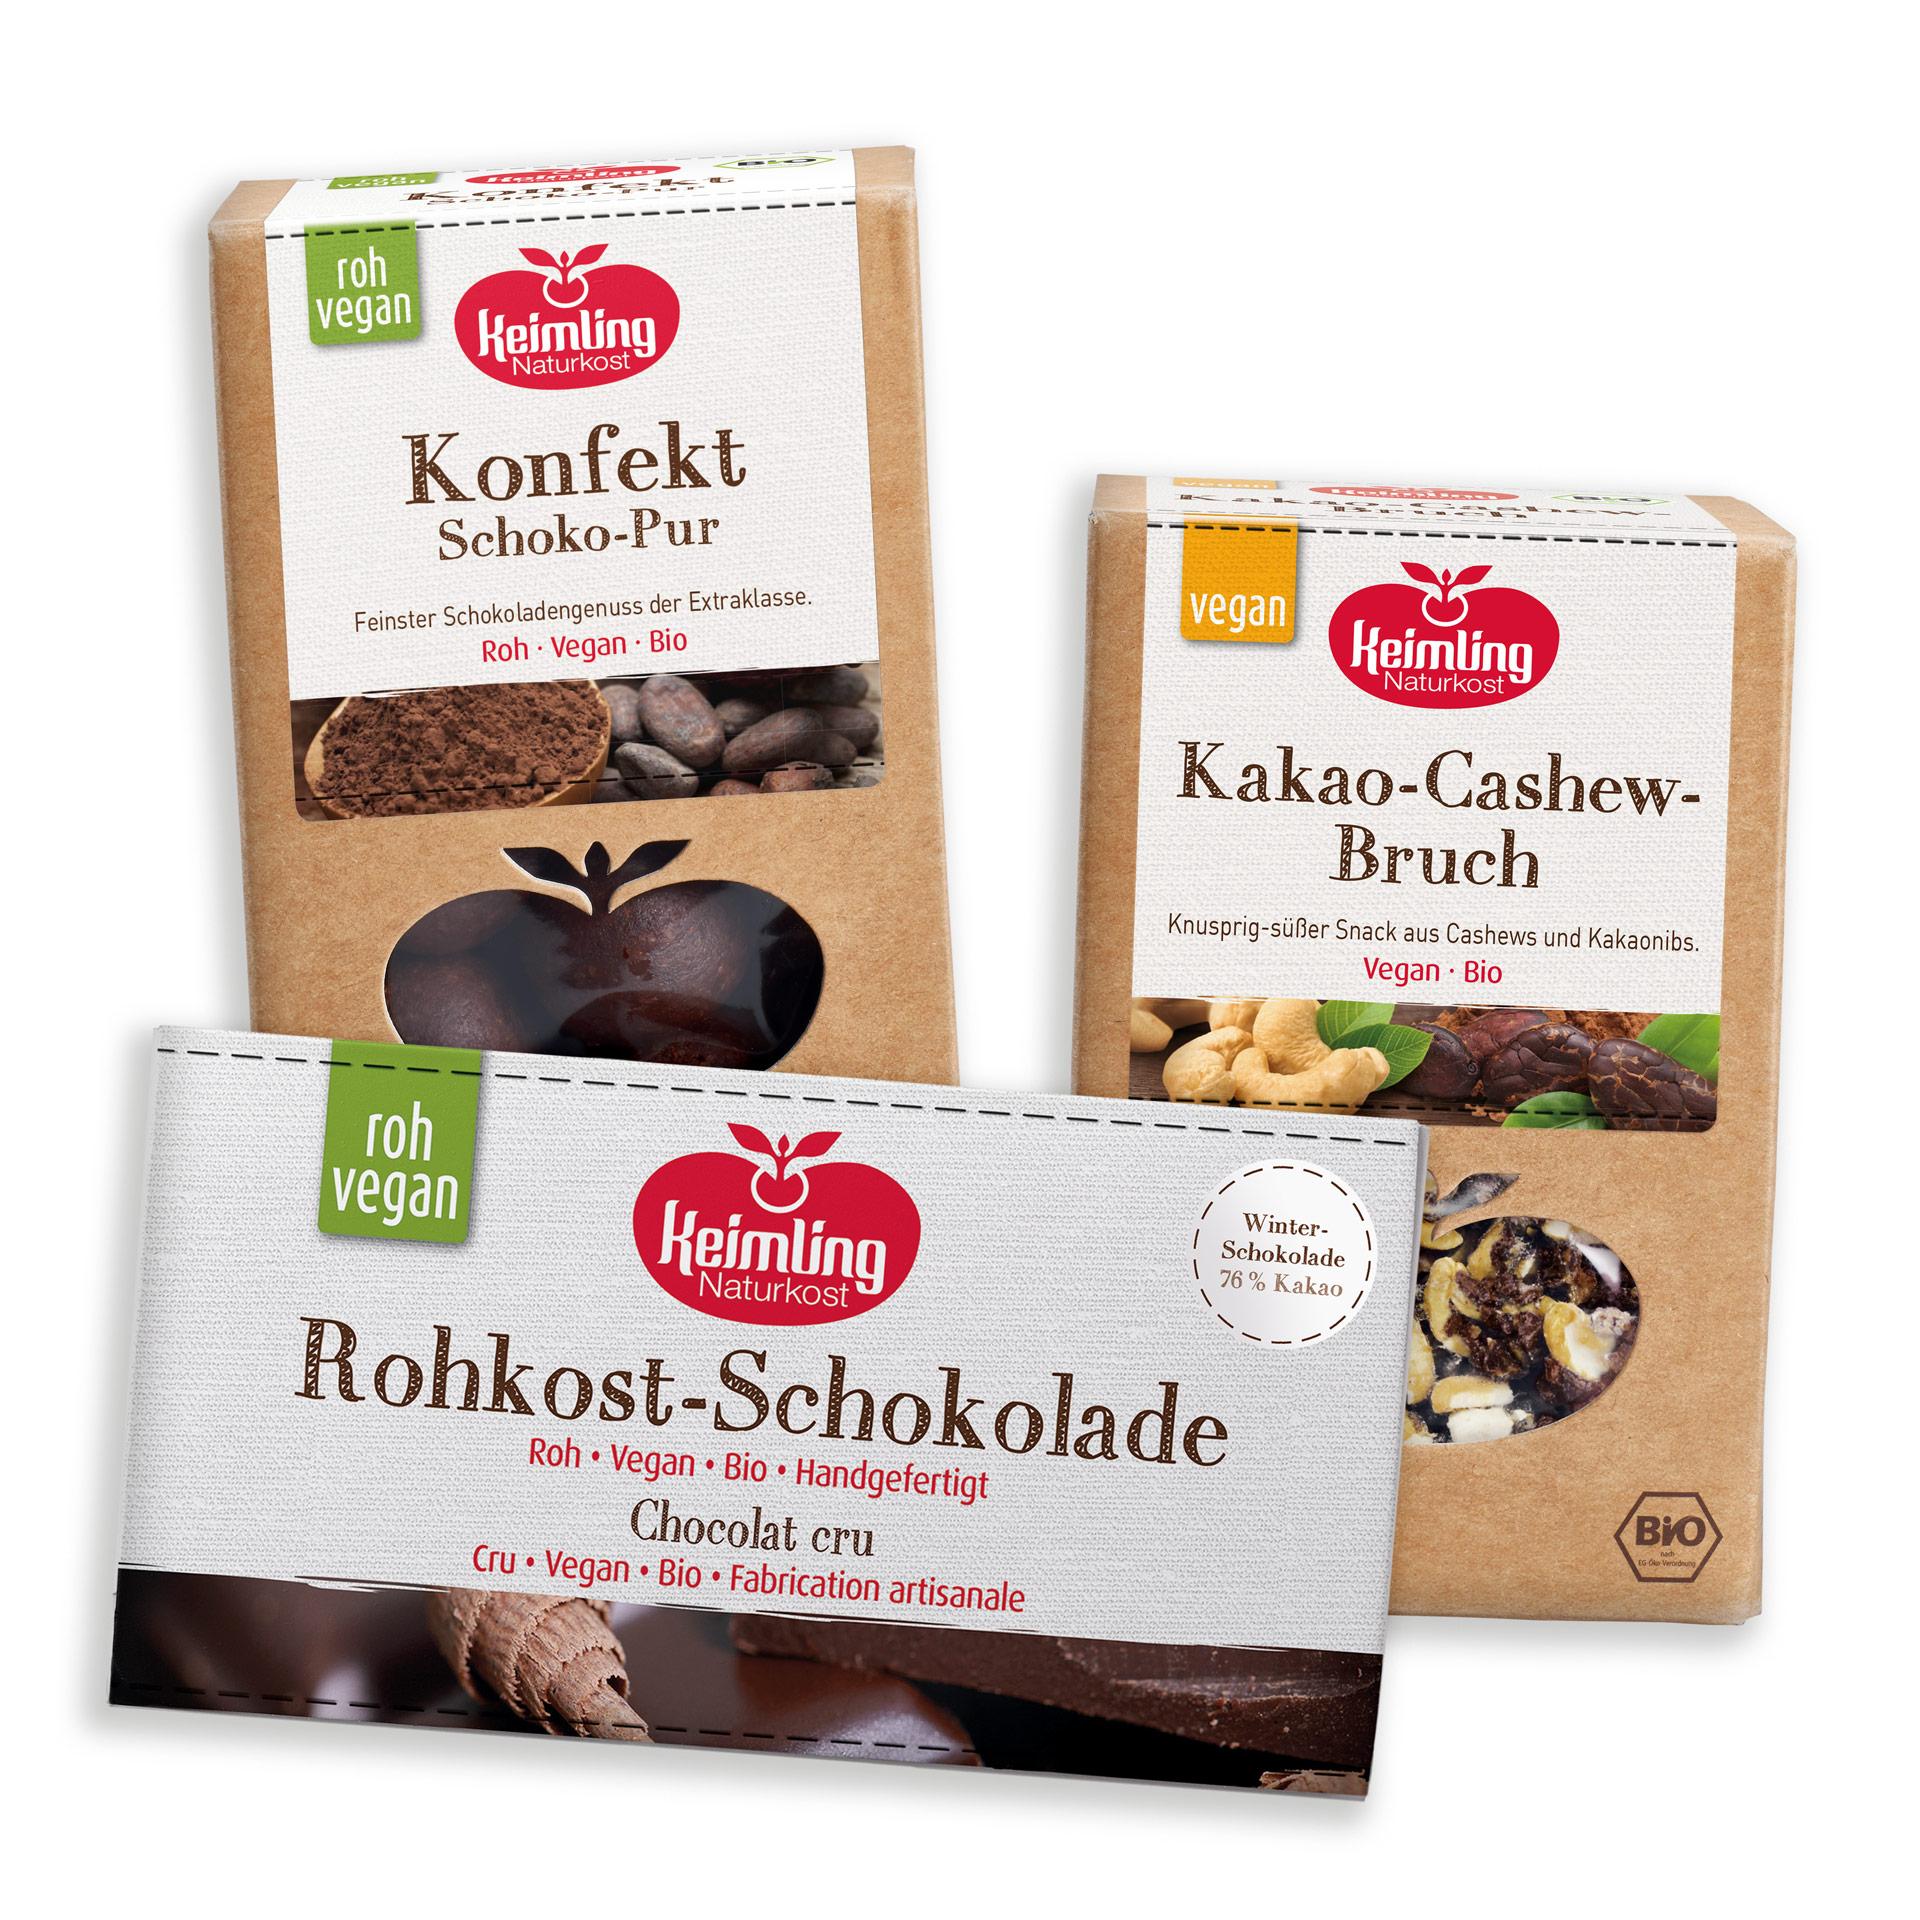 Rohkost Schoko-Set bestehend aus Konfekt Schoko-Pur, Kakao-Cashew-Bruch und Winterschokolade